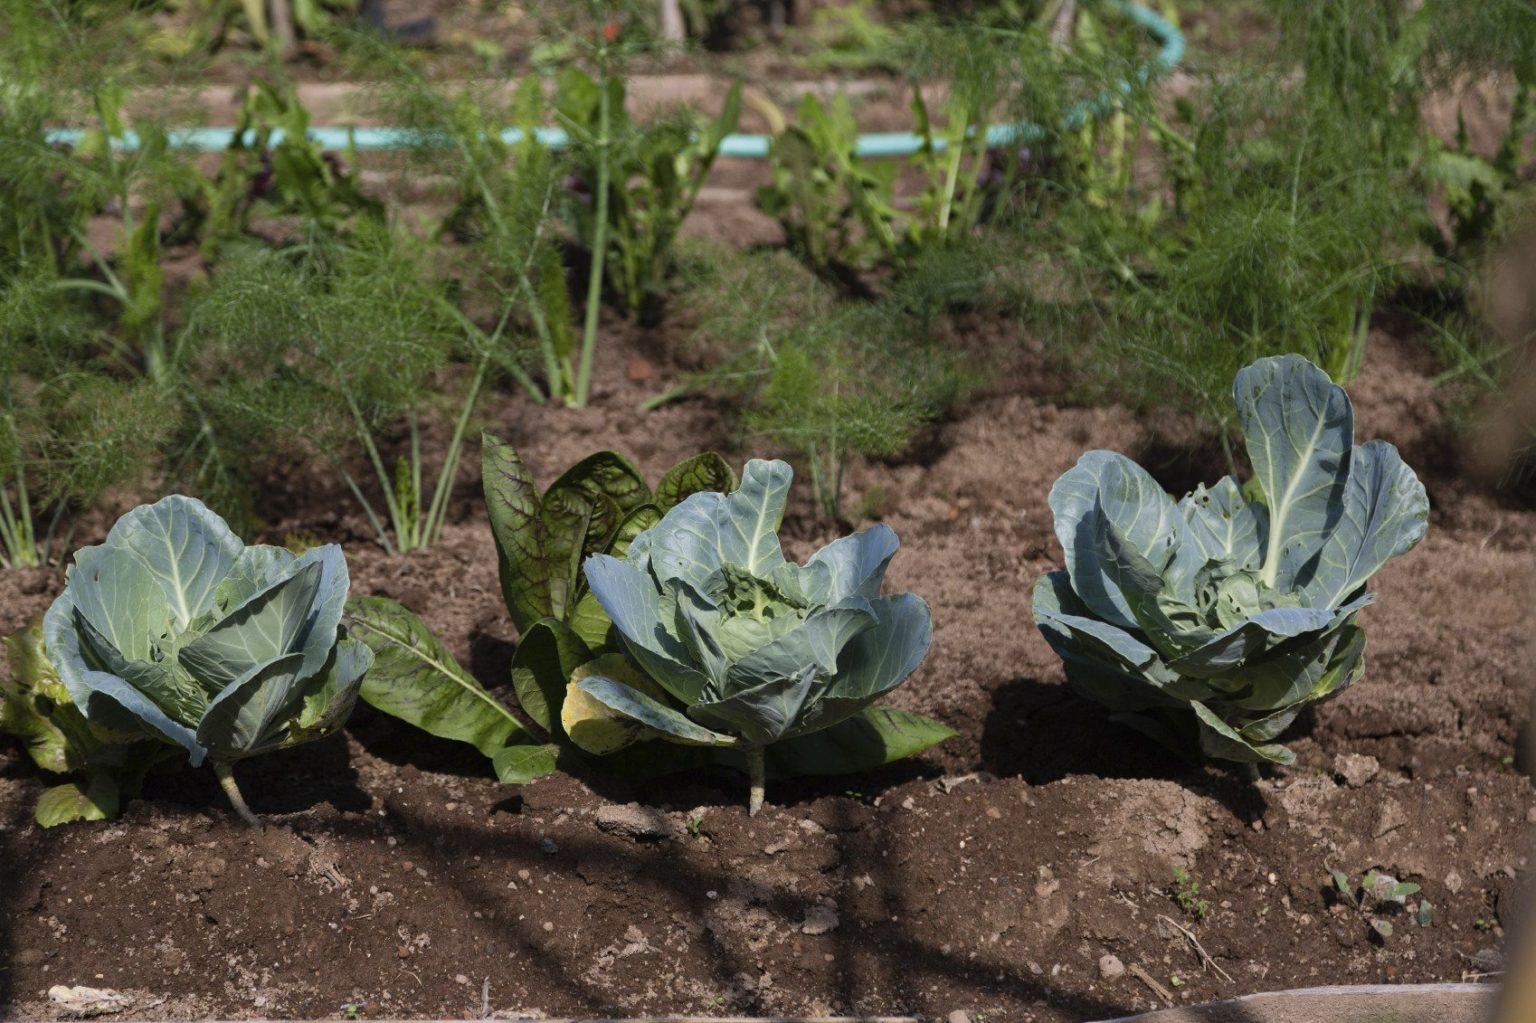 посадка цветной капусты в открытый грунт семенами